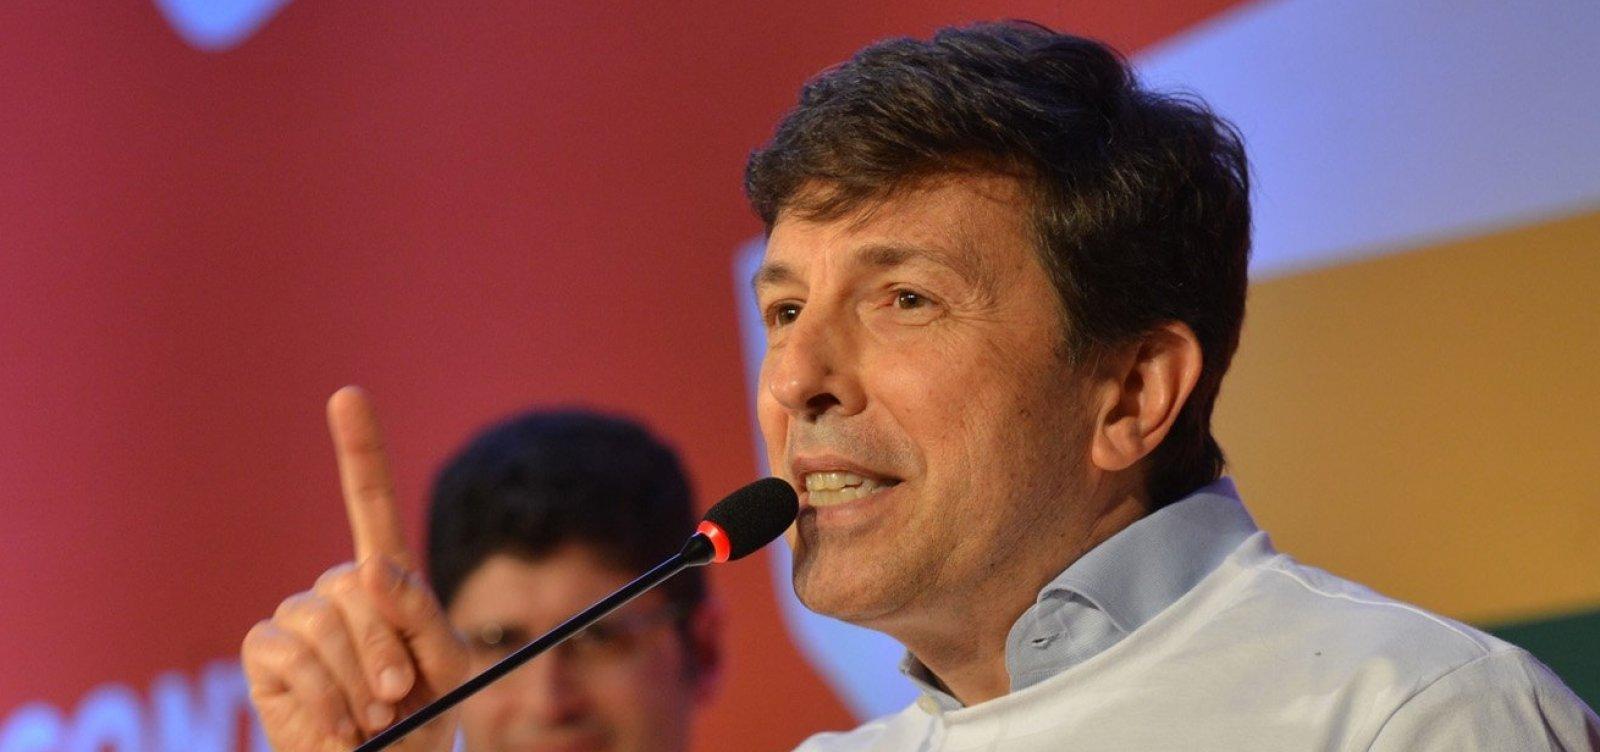 [Amoêdo anuncia que, se eleito, vai privatizar Petrobras]